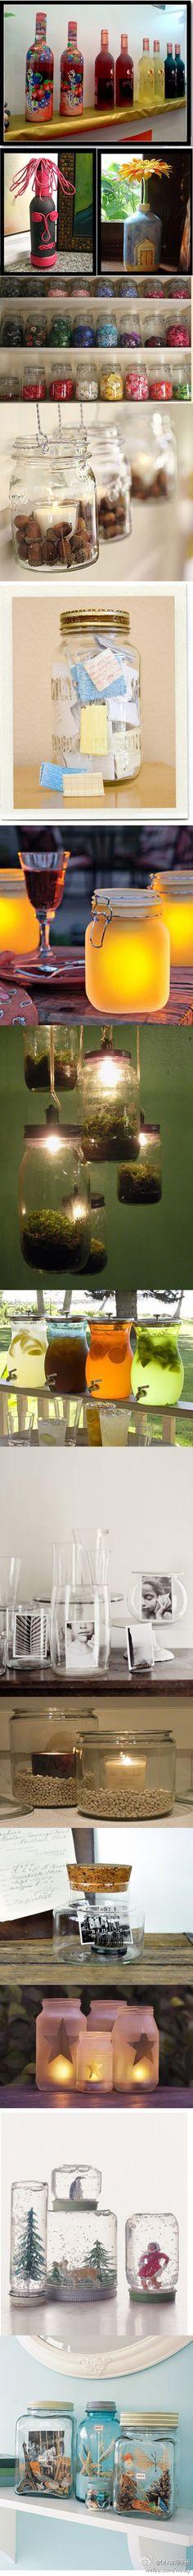 wow lots of jar ideas